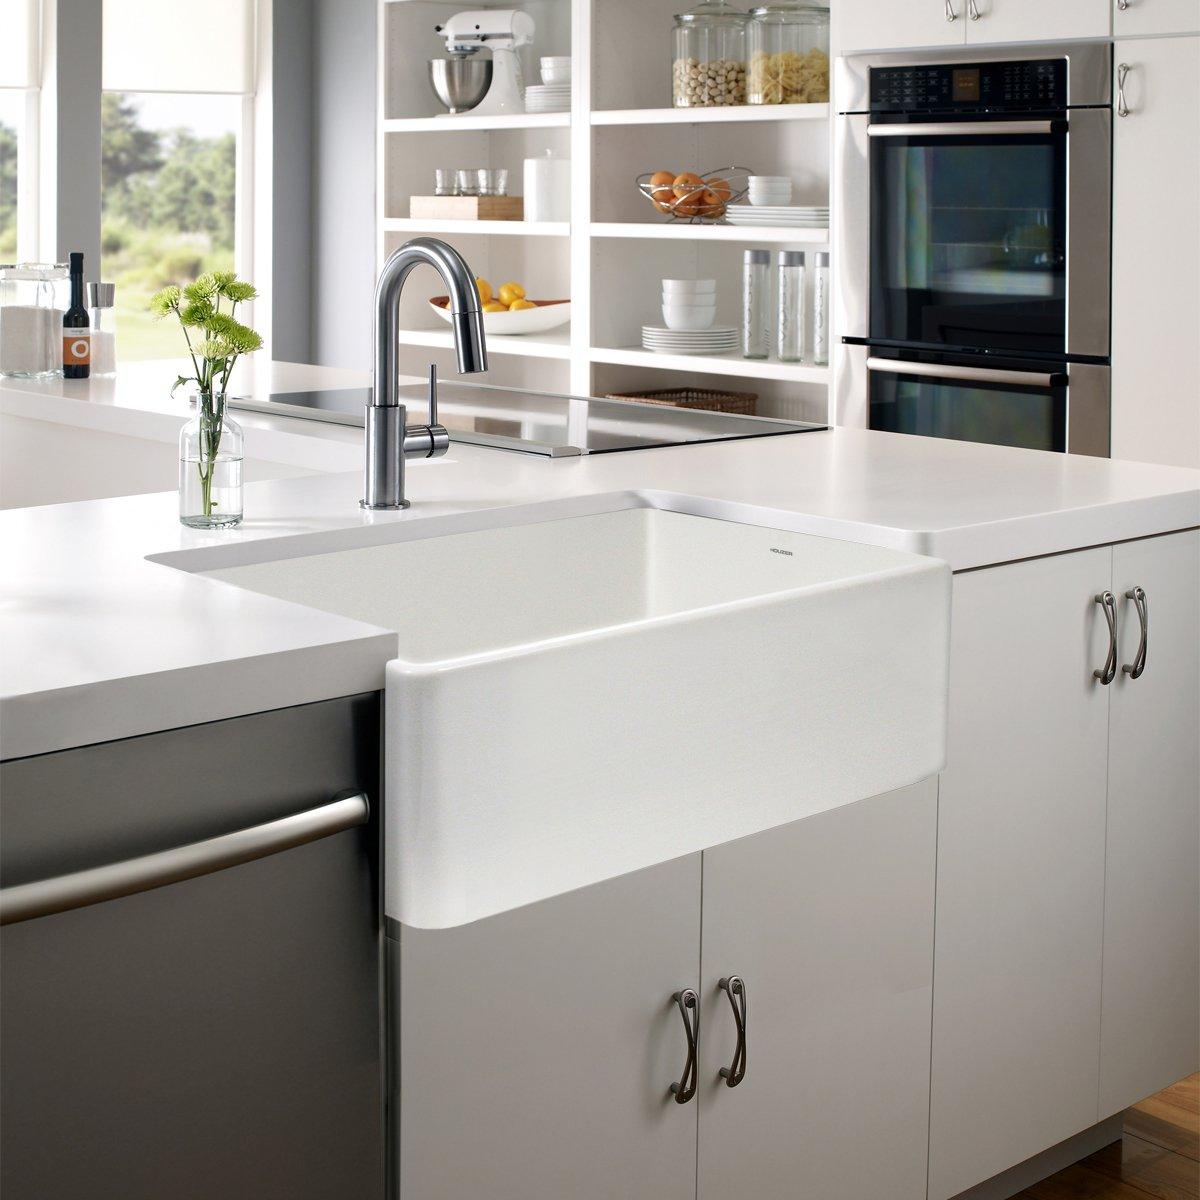 Kohler whitehaven apron sink - Houzer Ptg 4300 Wh Platus Series Apron Front Fireclay Single Bowl Kitchen Sink 33 White Amazon Com